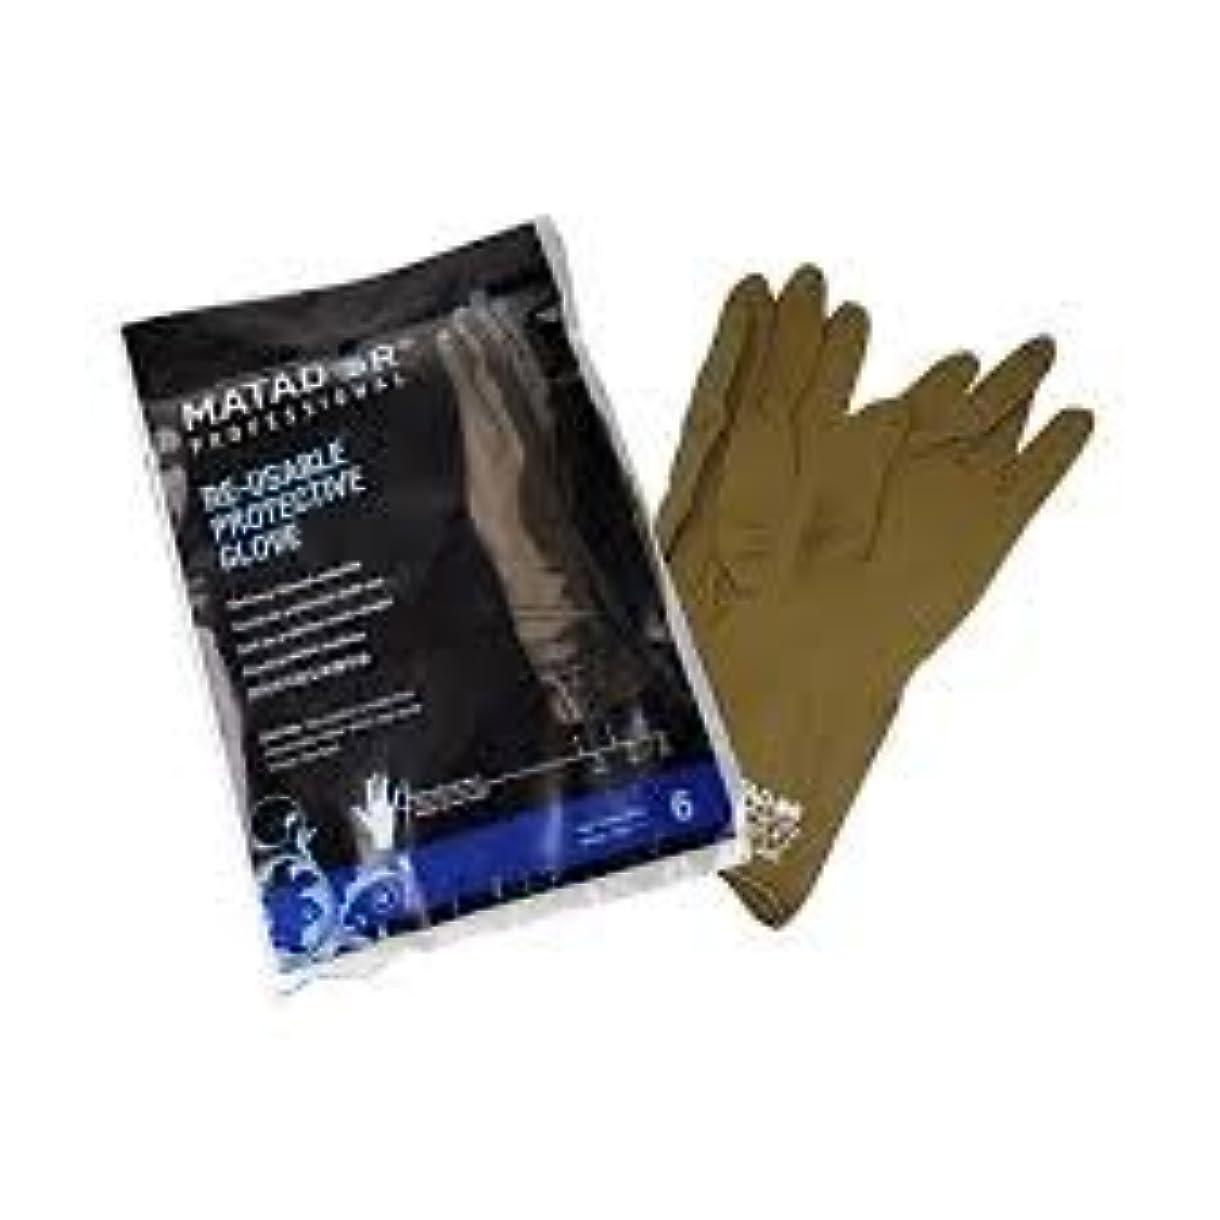 ポンペイルネッサンス改革マタドールゴム手袋 6.0吋 【10個セット】